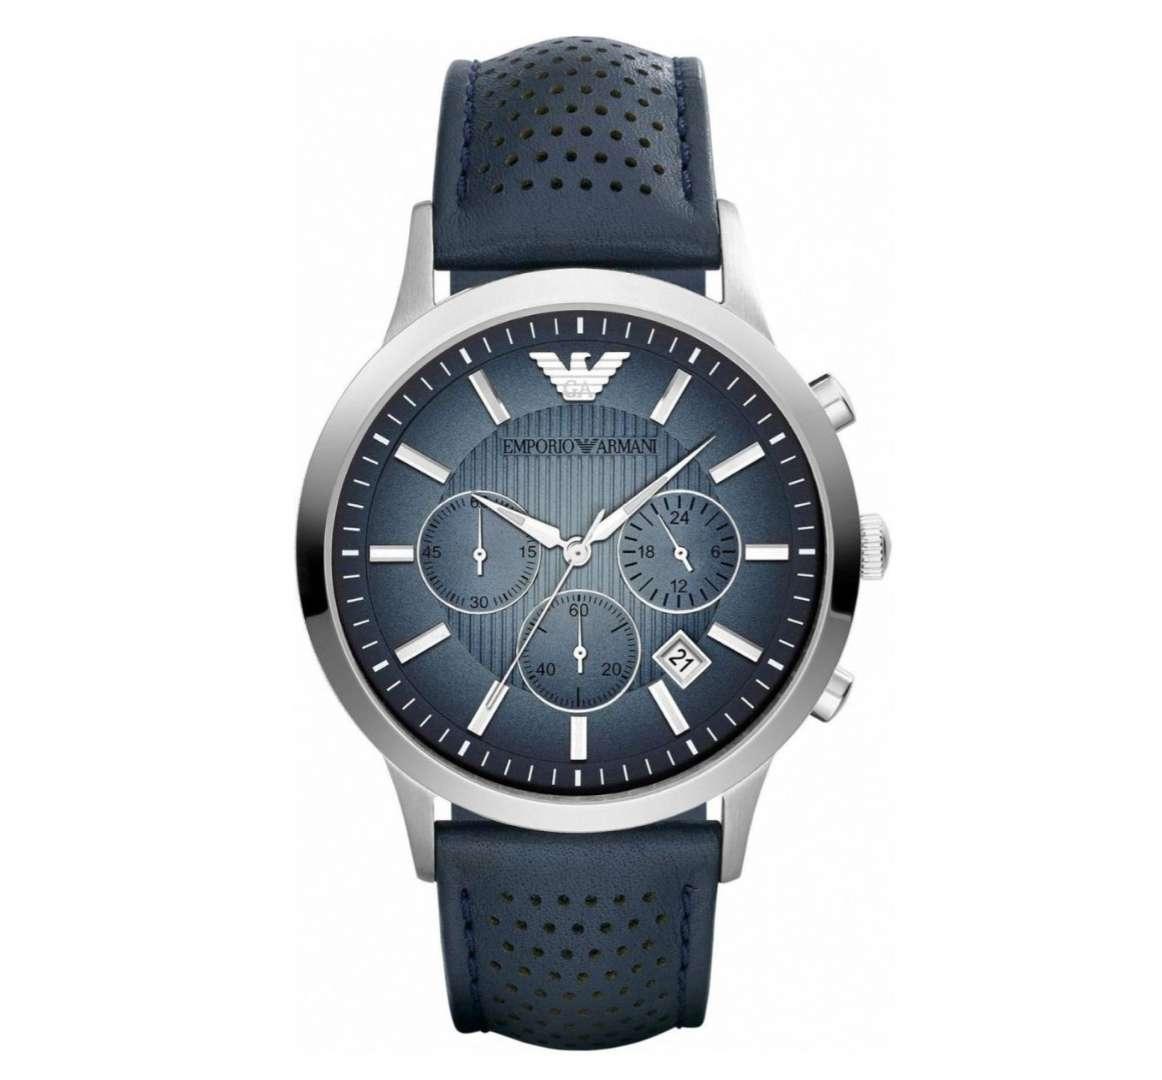 שעון יד אנלוגי לגבר emporio armani ar2473 אמפוריו ארמני